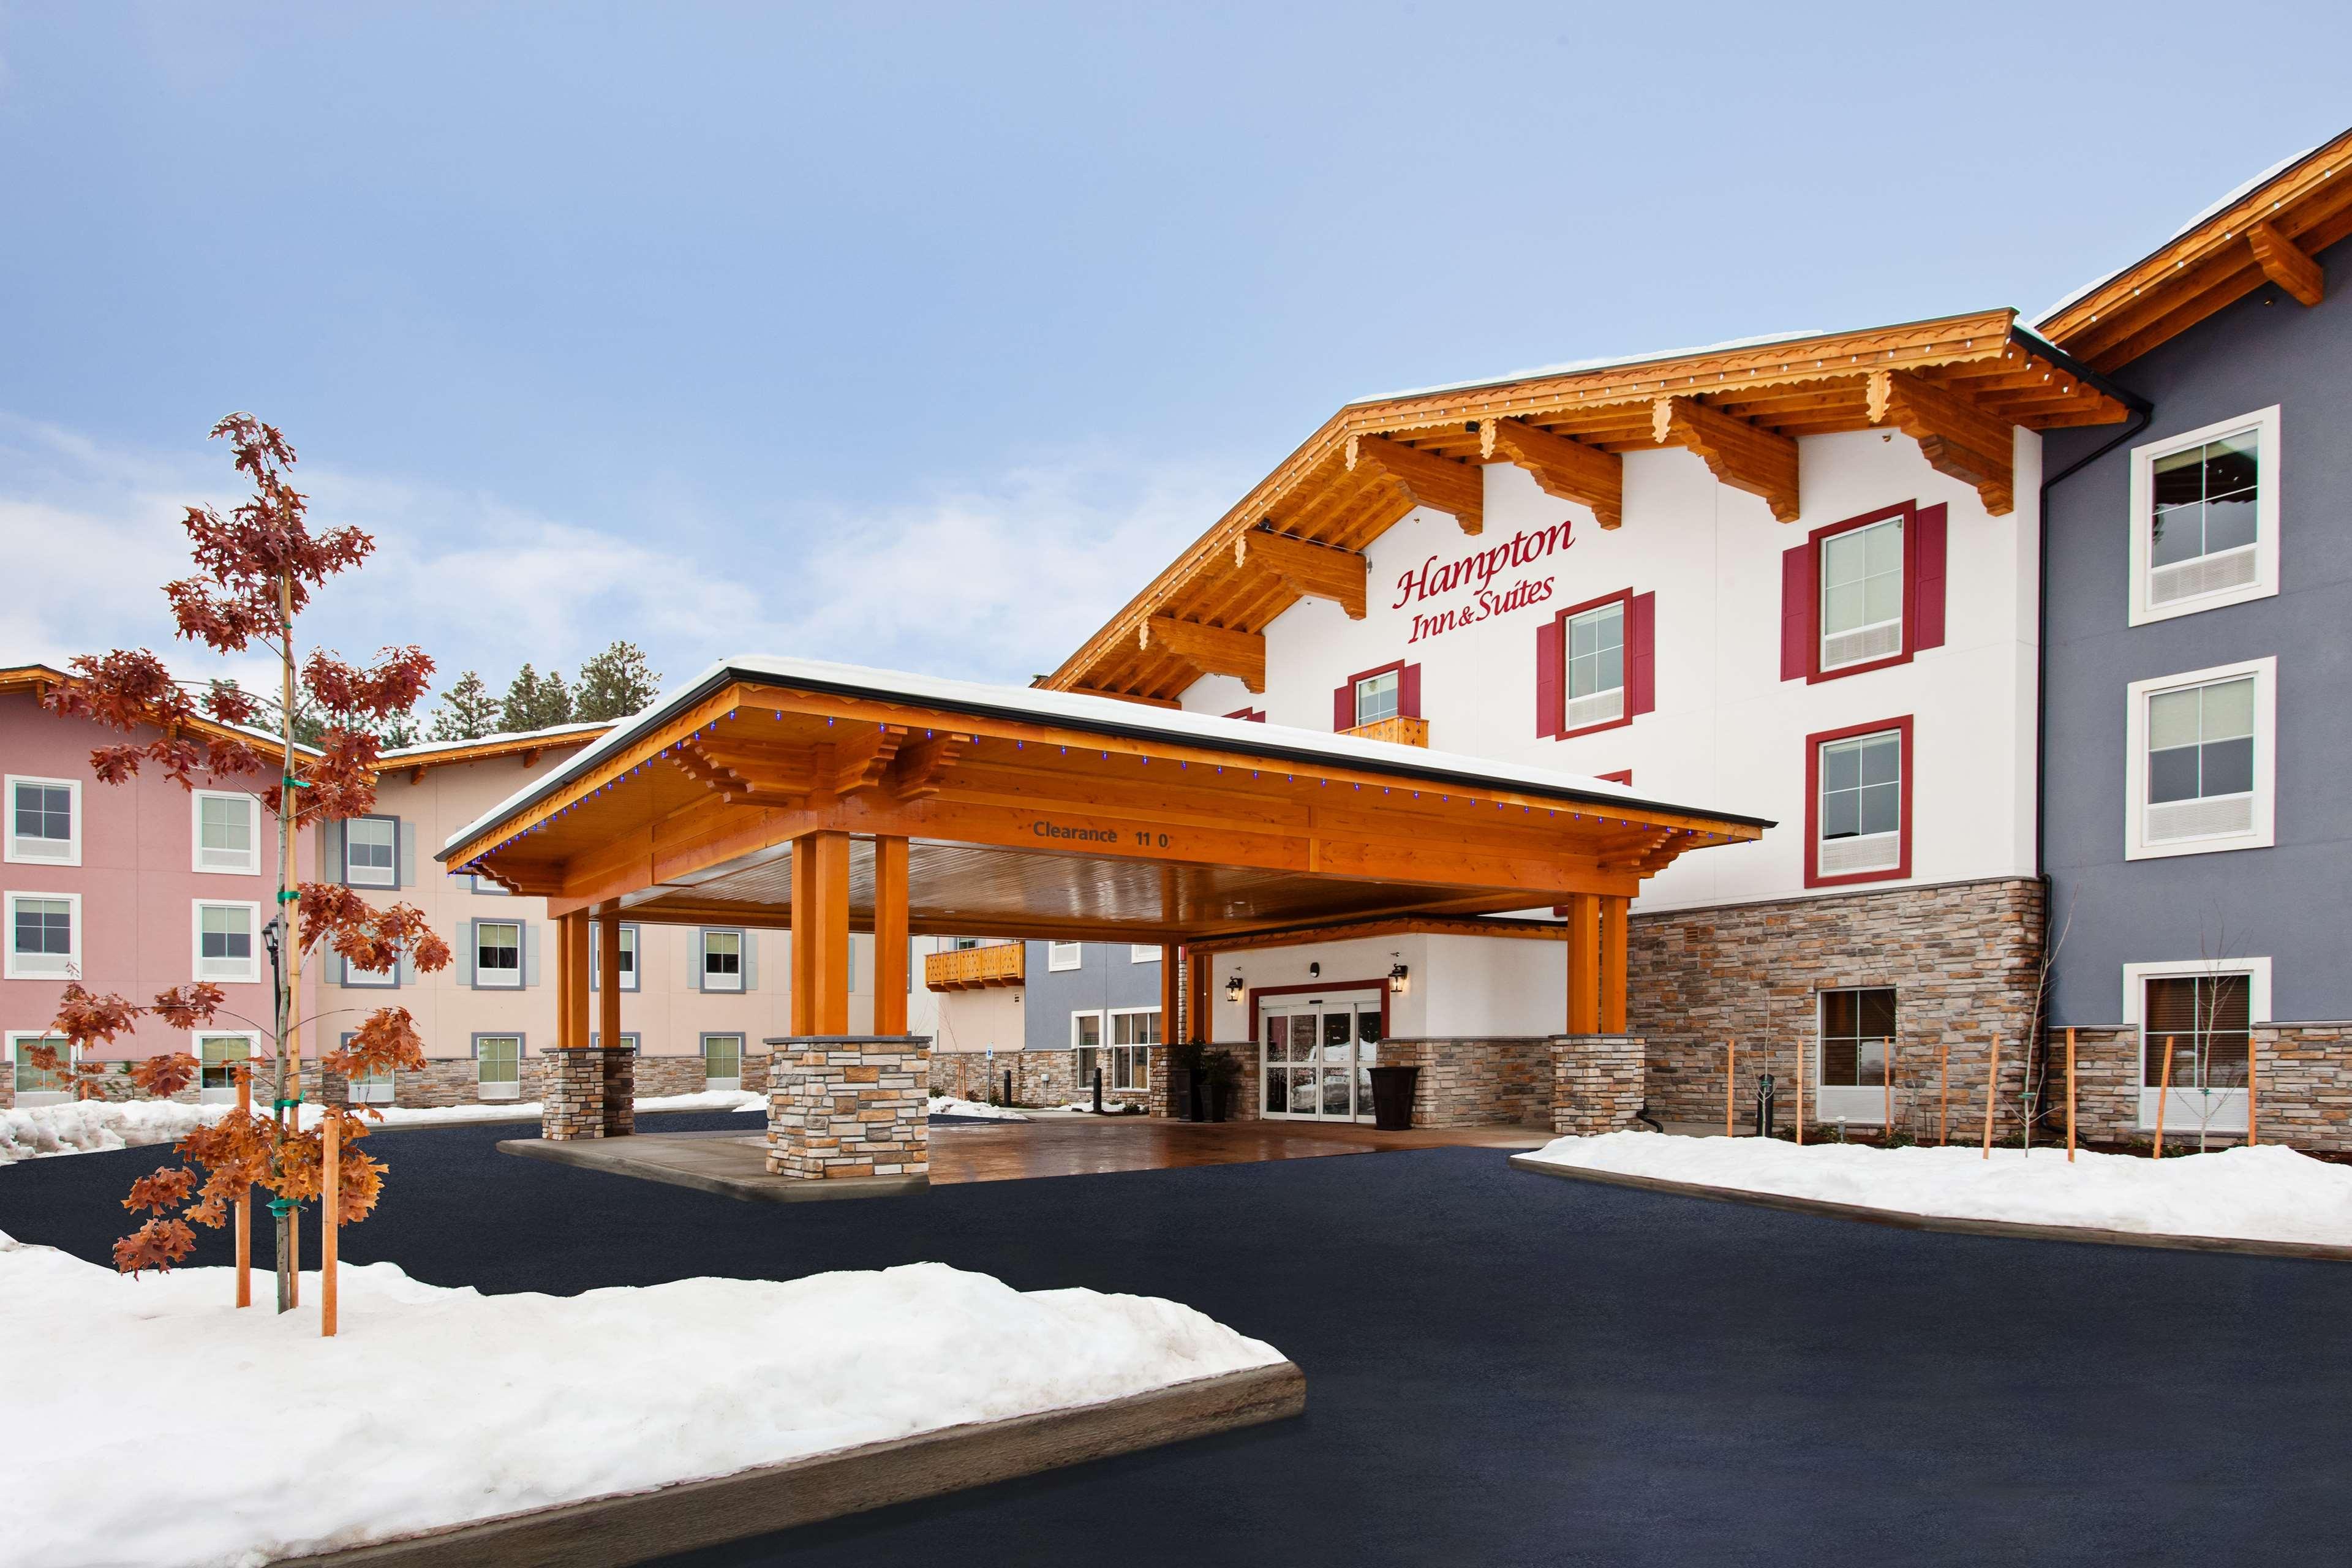 Hampton Inn & Suites Leavenworth image 0